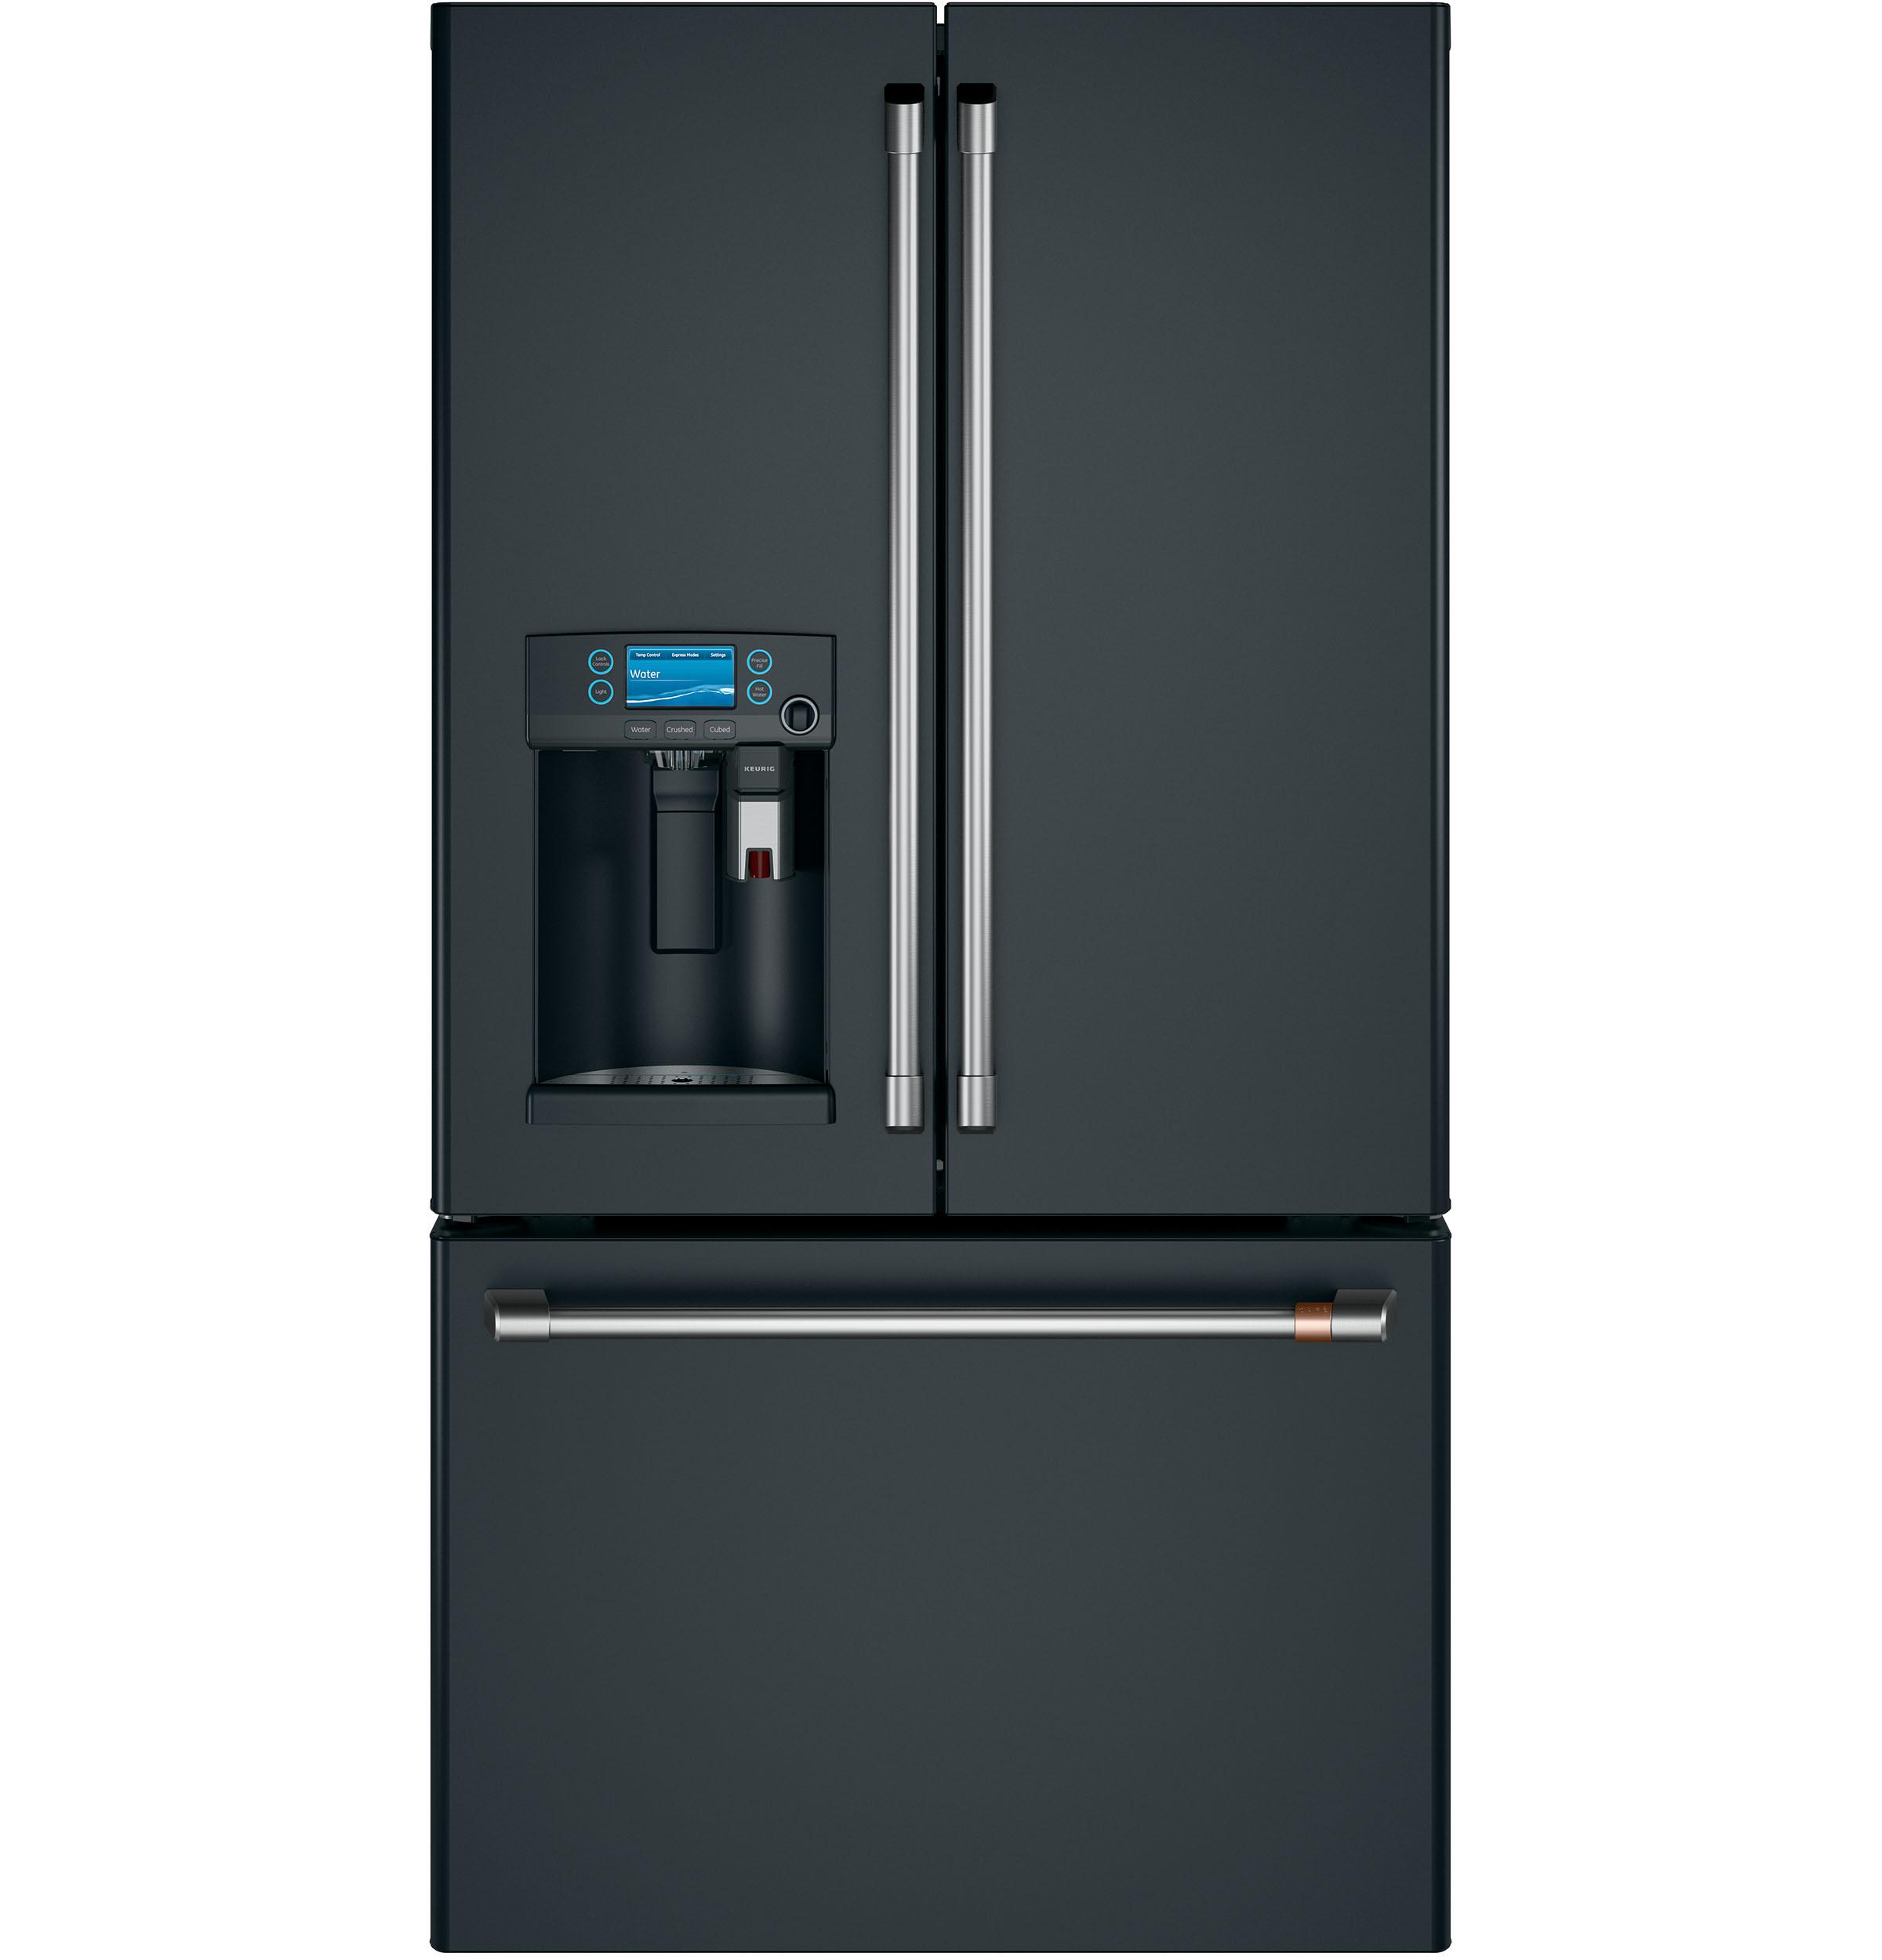 Ft. French-Door Refrigerator with Keurig